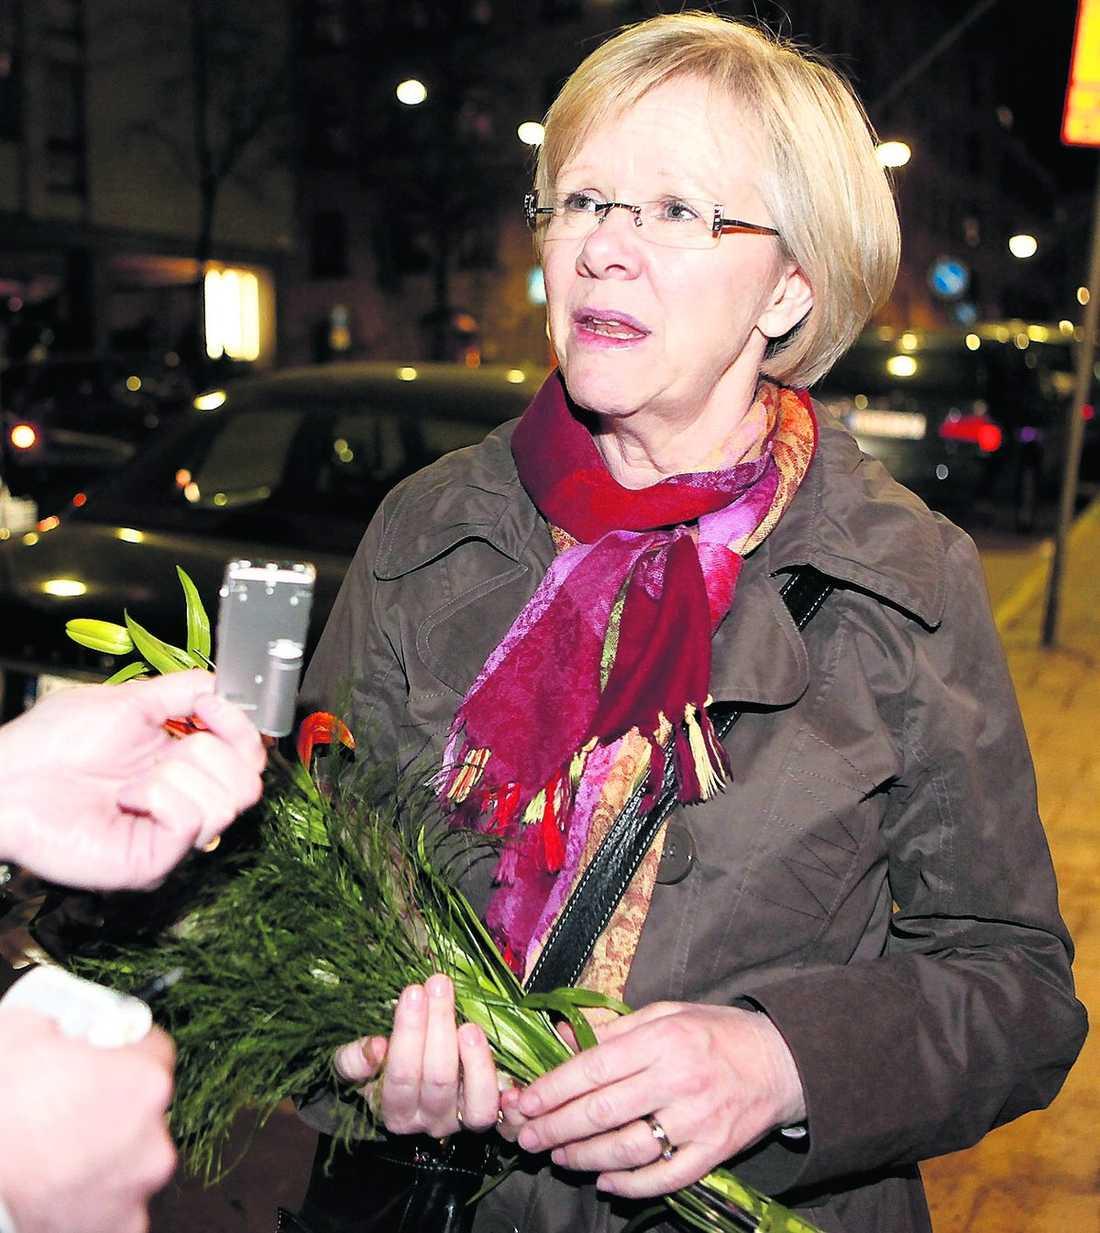 GJORDE ETT TRIANGELBYTE LO-ordförande Wanja Lundby-Wedin har varit i blåsväder tidigare för sina lägenhetsaffärer. 2004 avslöjades att hon fått en 160 kvm stor våning genom fackliga kontakter och ett triangelbyte.